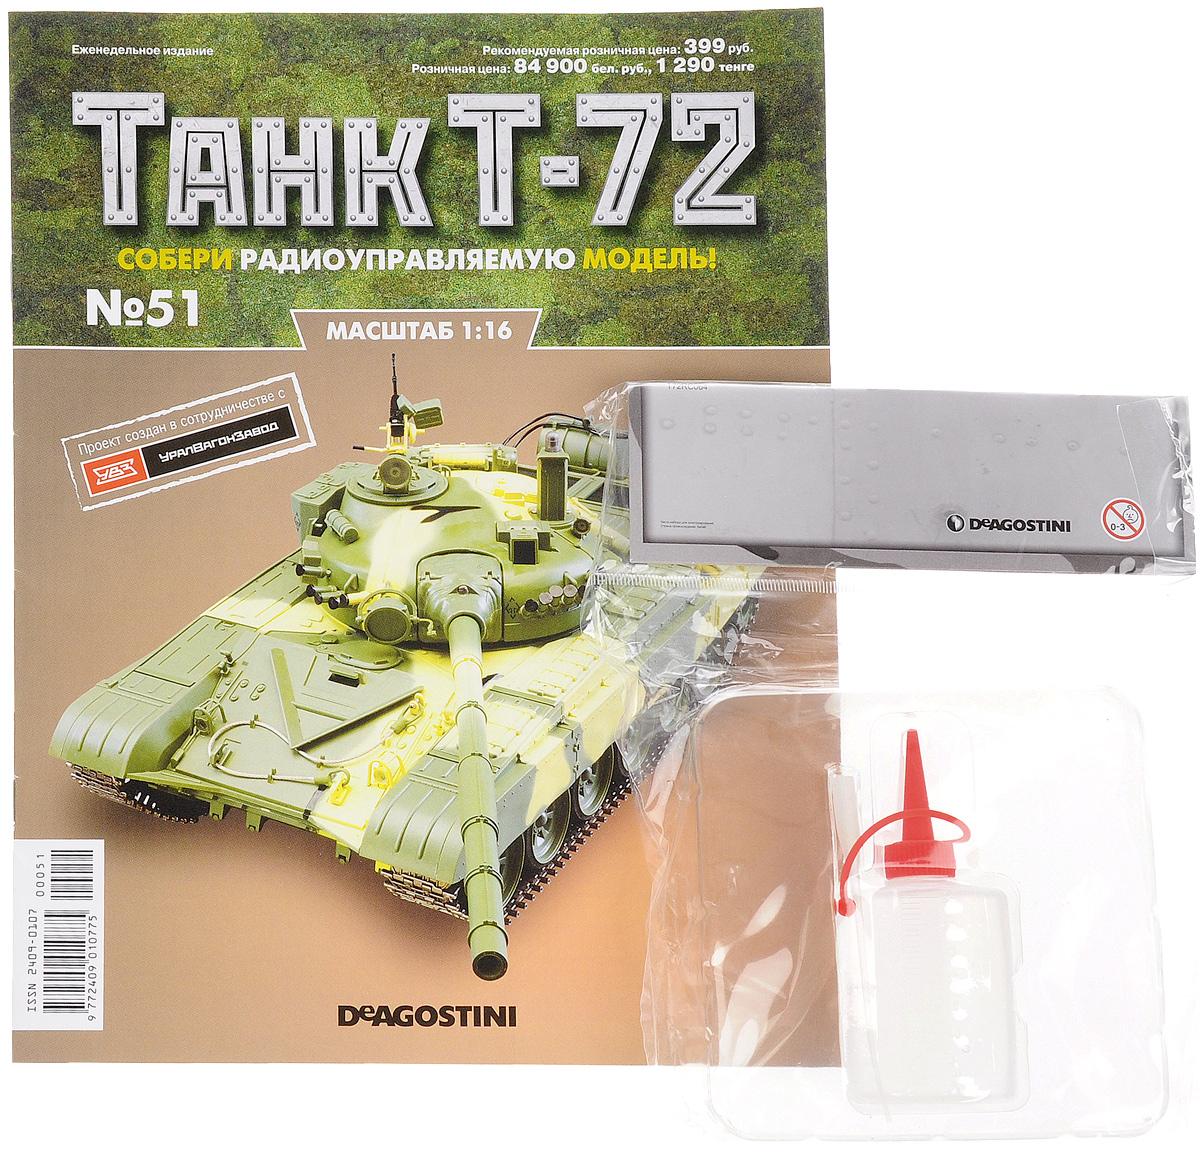 Журнал Танк Т-72 №51TRC051Перед вами - журнал из уникальной серии партворков Танк Т-72 с увлекательной информацией о легендарных боевых машинах и элементами для сборки копии танка Т-72 в уменьшенном варианте 1:16. У вас есть возможность собственноручно создать высококачественную модель этого знаменитого танка с достоверным воспроизведением всех элементов, сохранением функций подлинной боевой машины и дистанционным управлением. В комплекте: 1. Емкость с жидкостью для дымогенератора 2. Мерный дозатор Категория 16+.